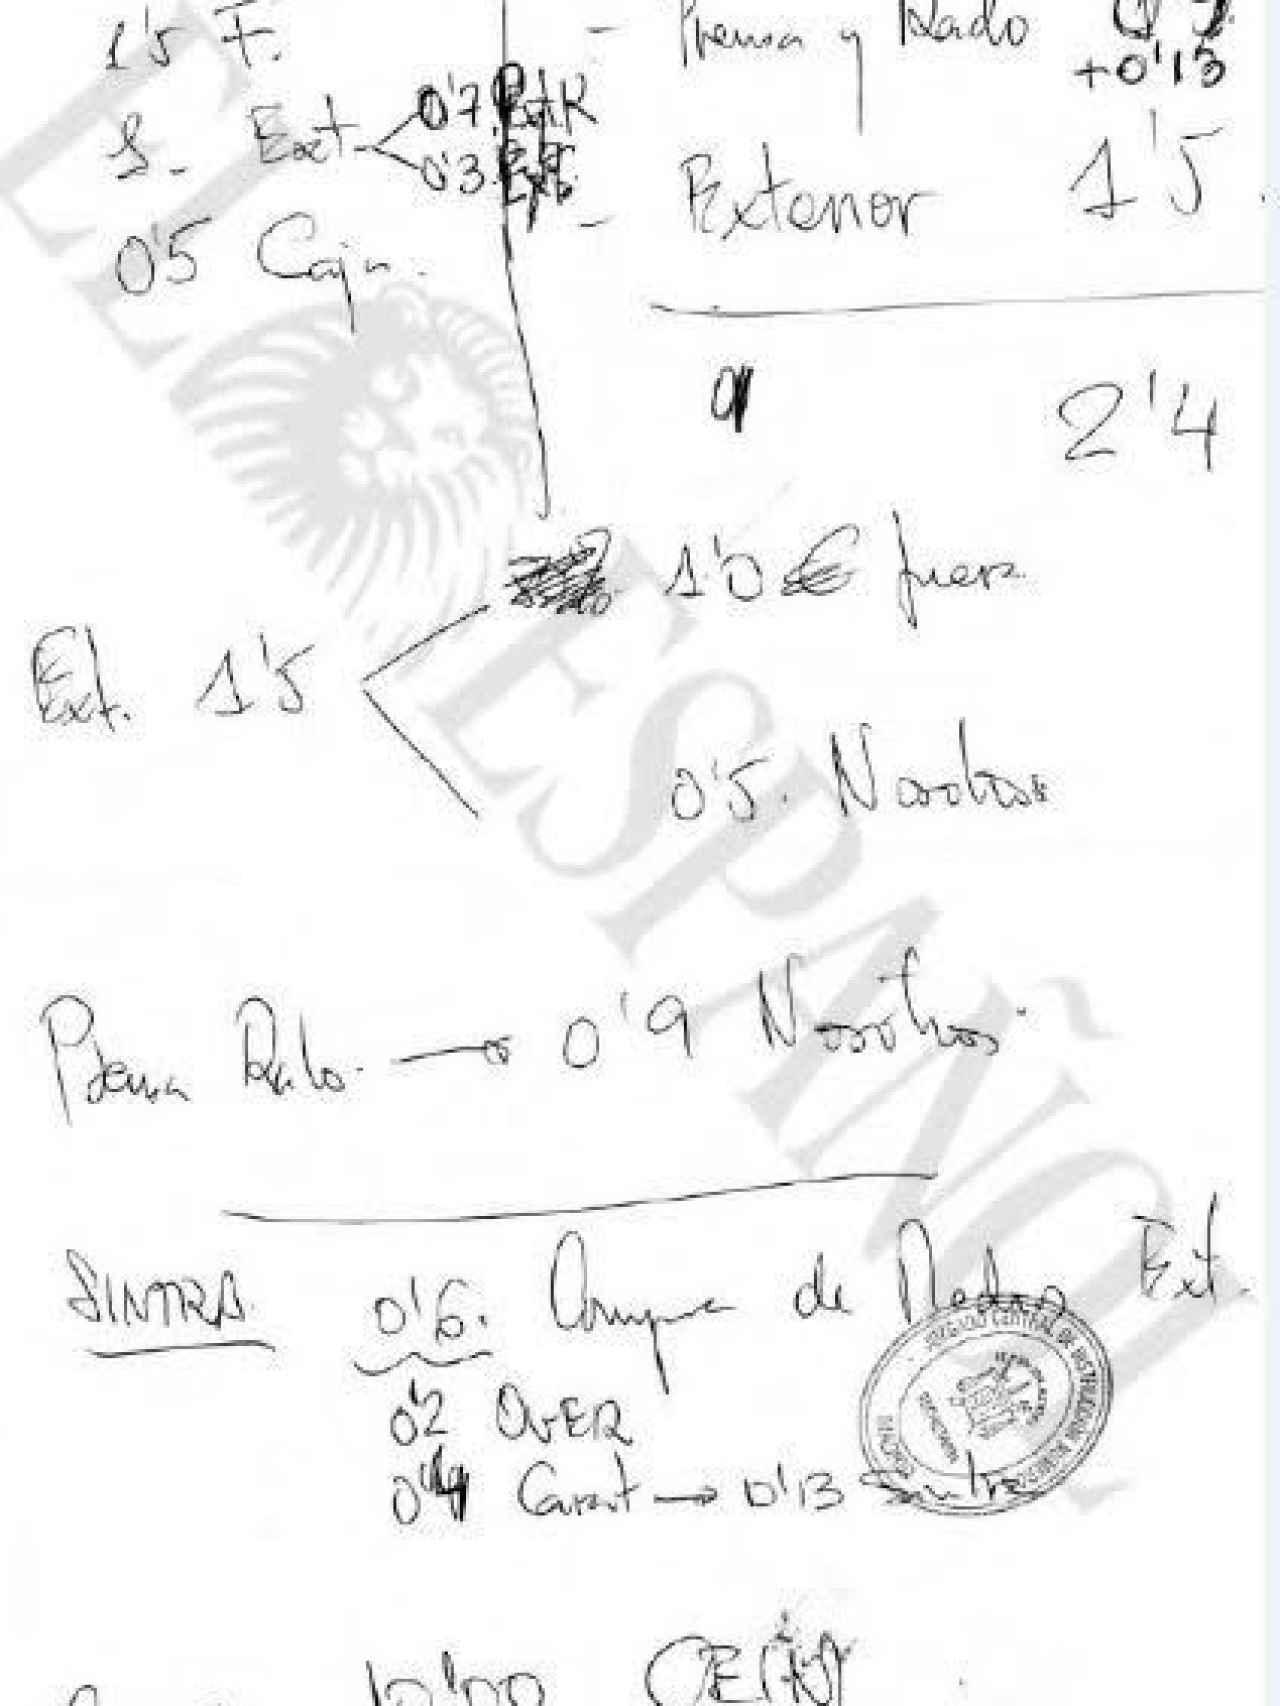 Documento incautado por la Guardia Civil.